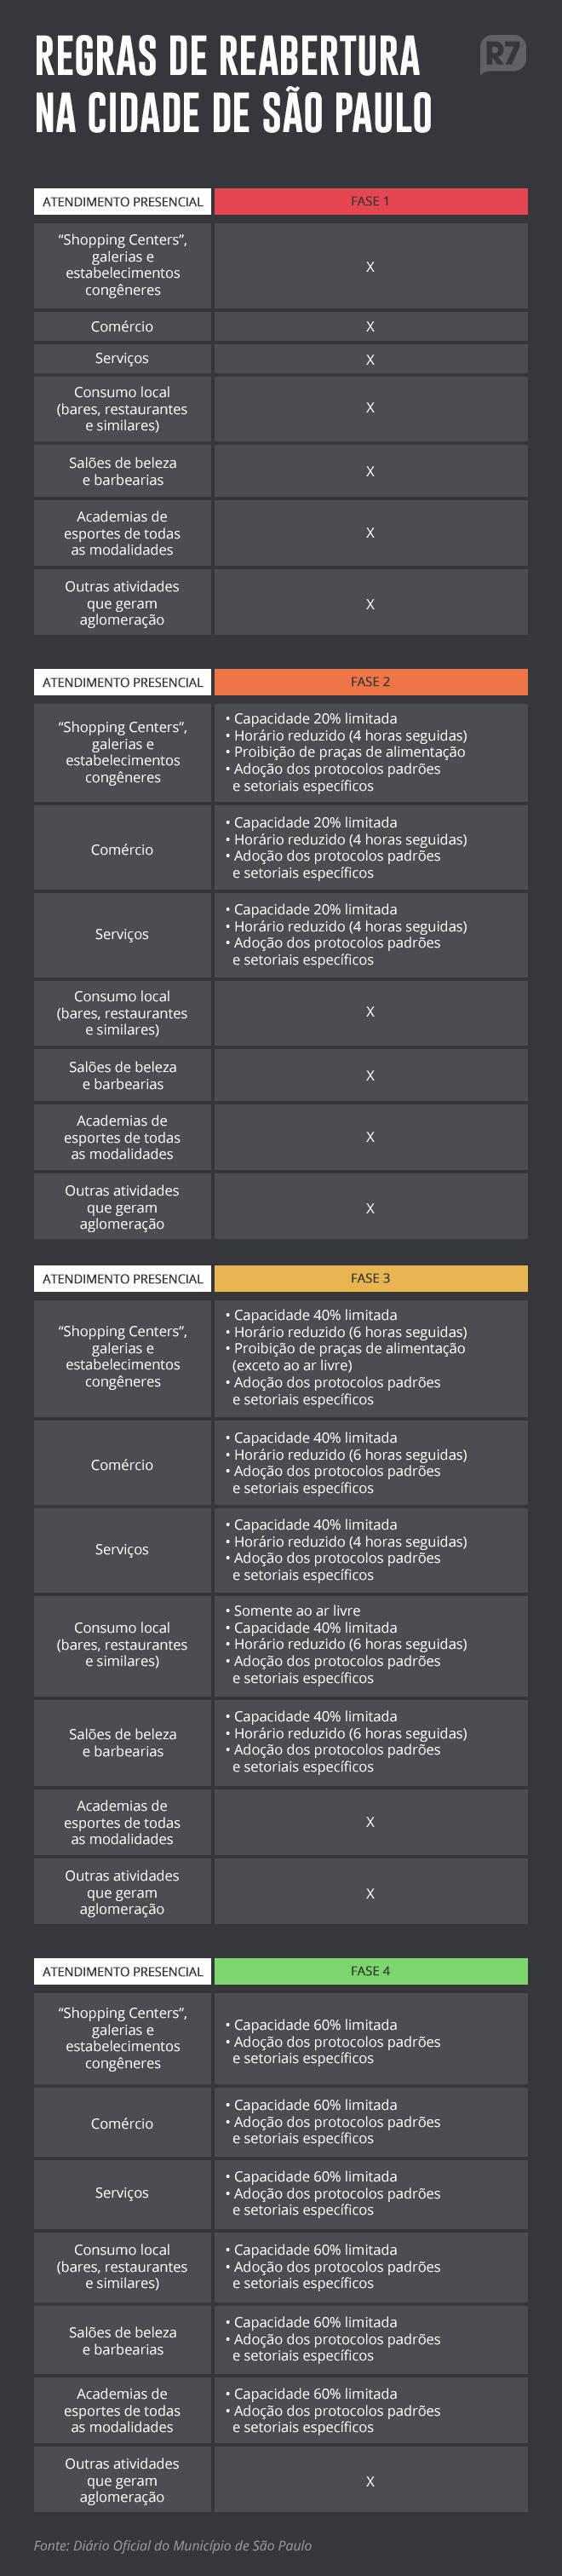 Regras prevista para cada fase da reabertura na cidade de São Paulo